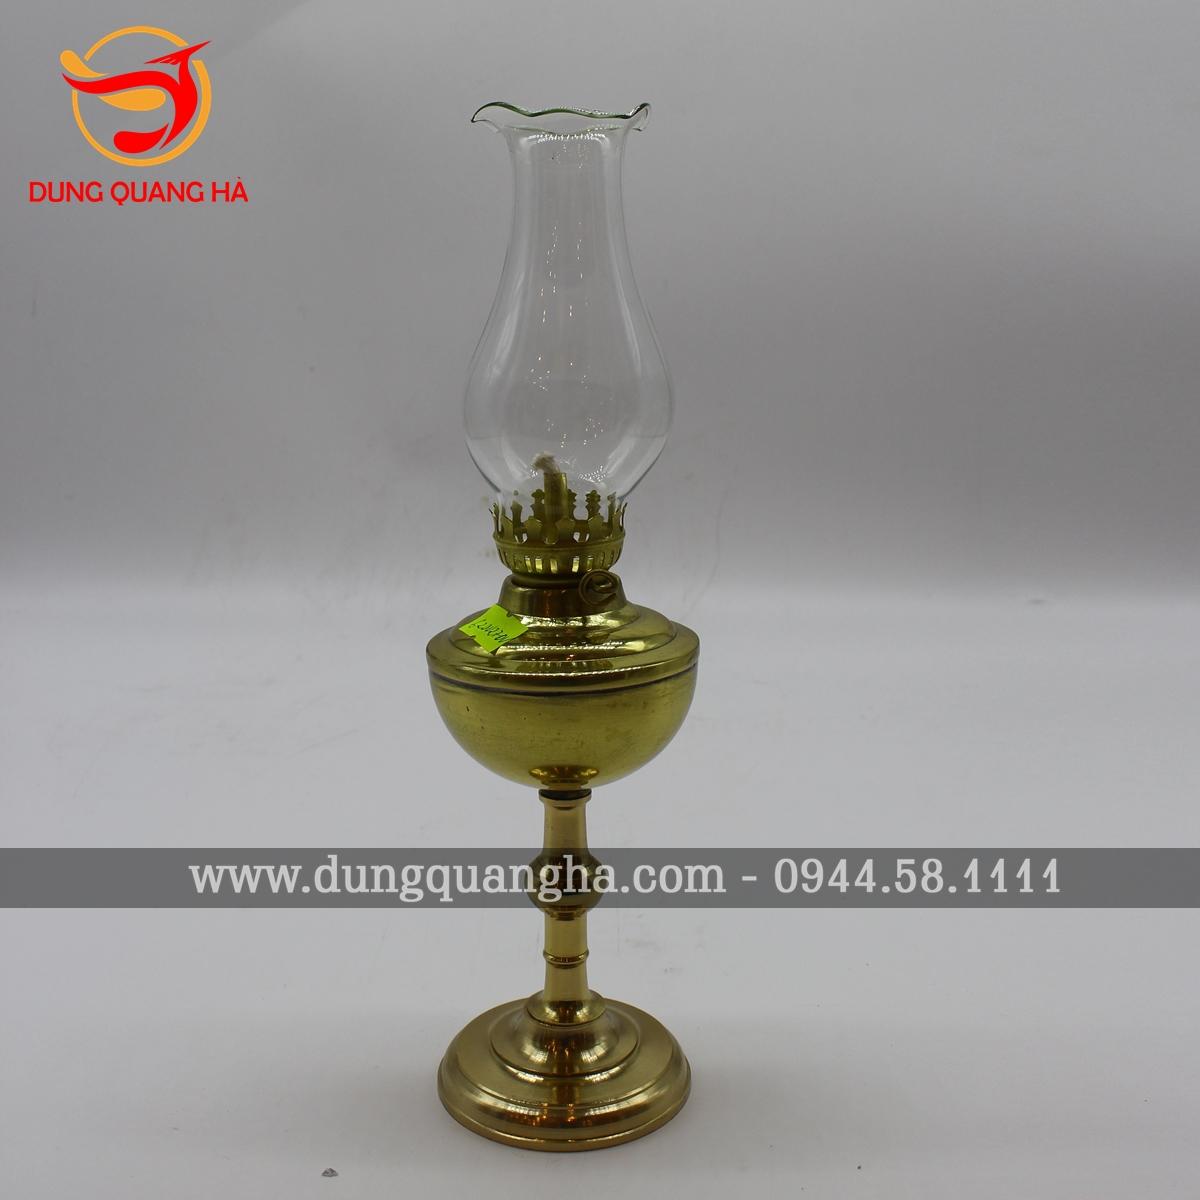 Đèn thờ bằng đồng vàng mộc trơn sang trọng